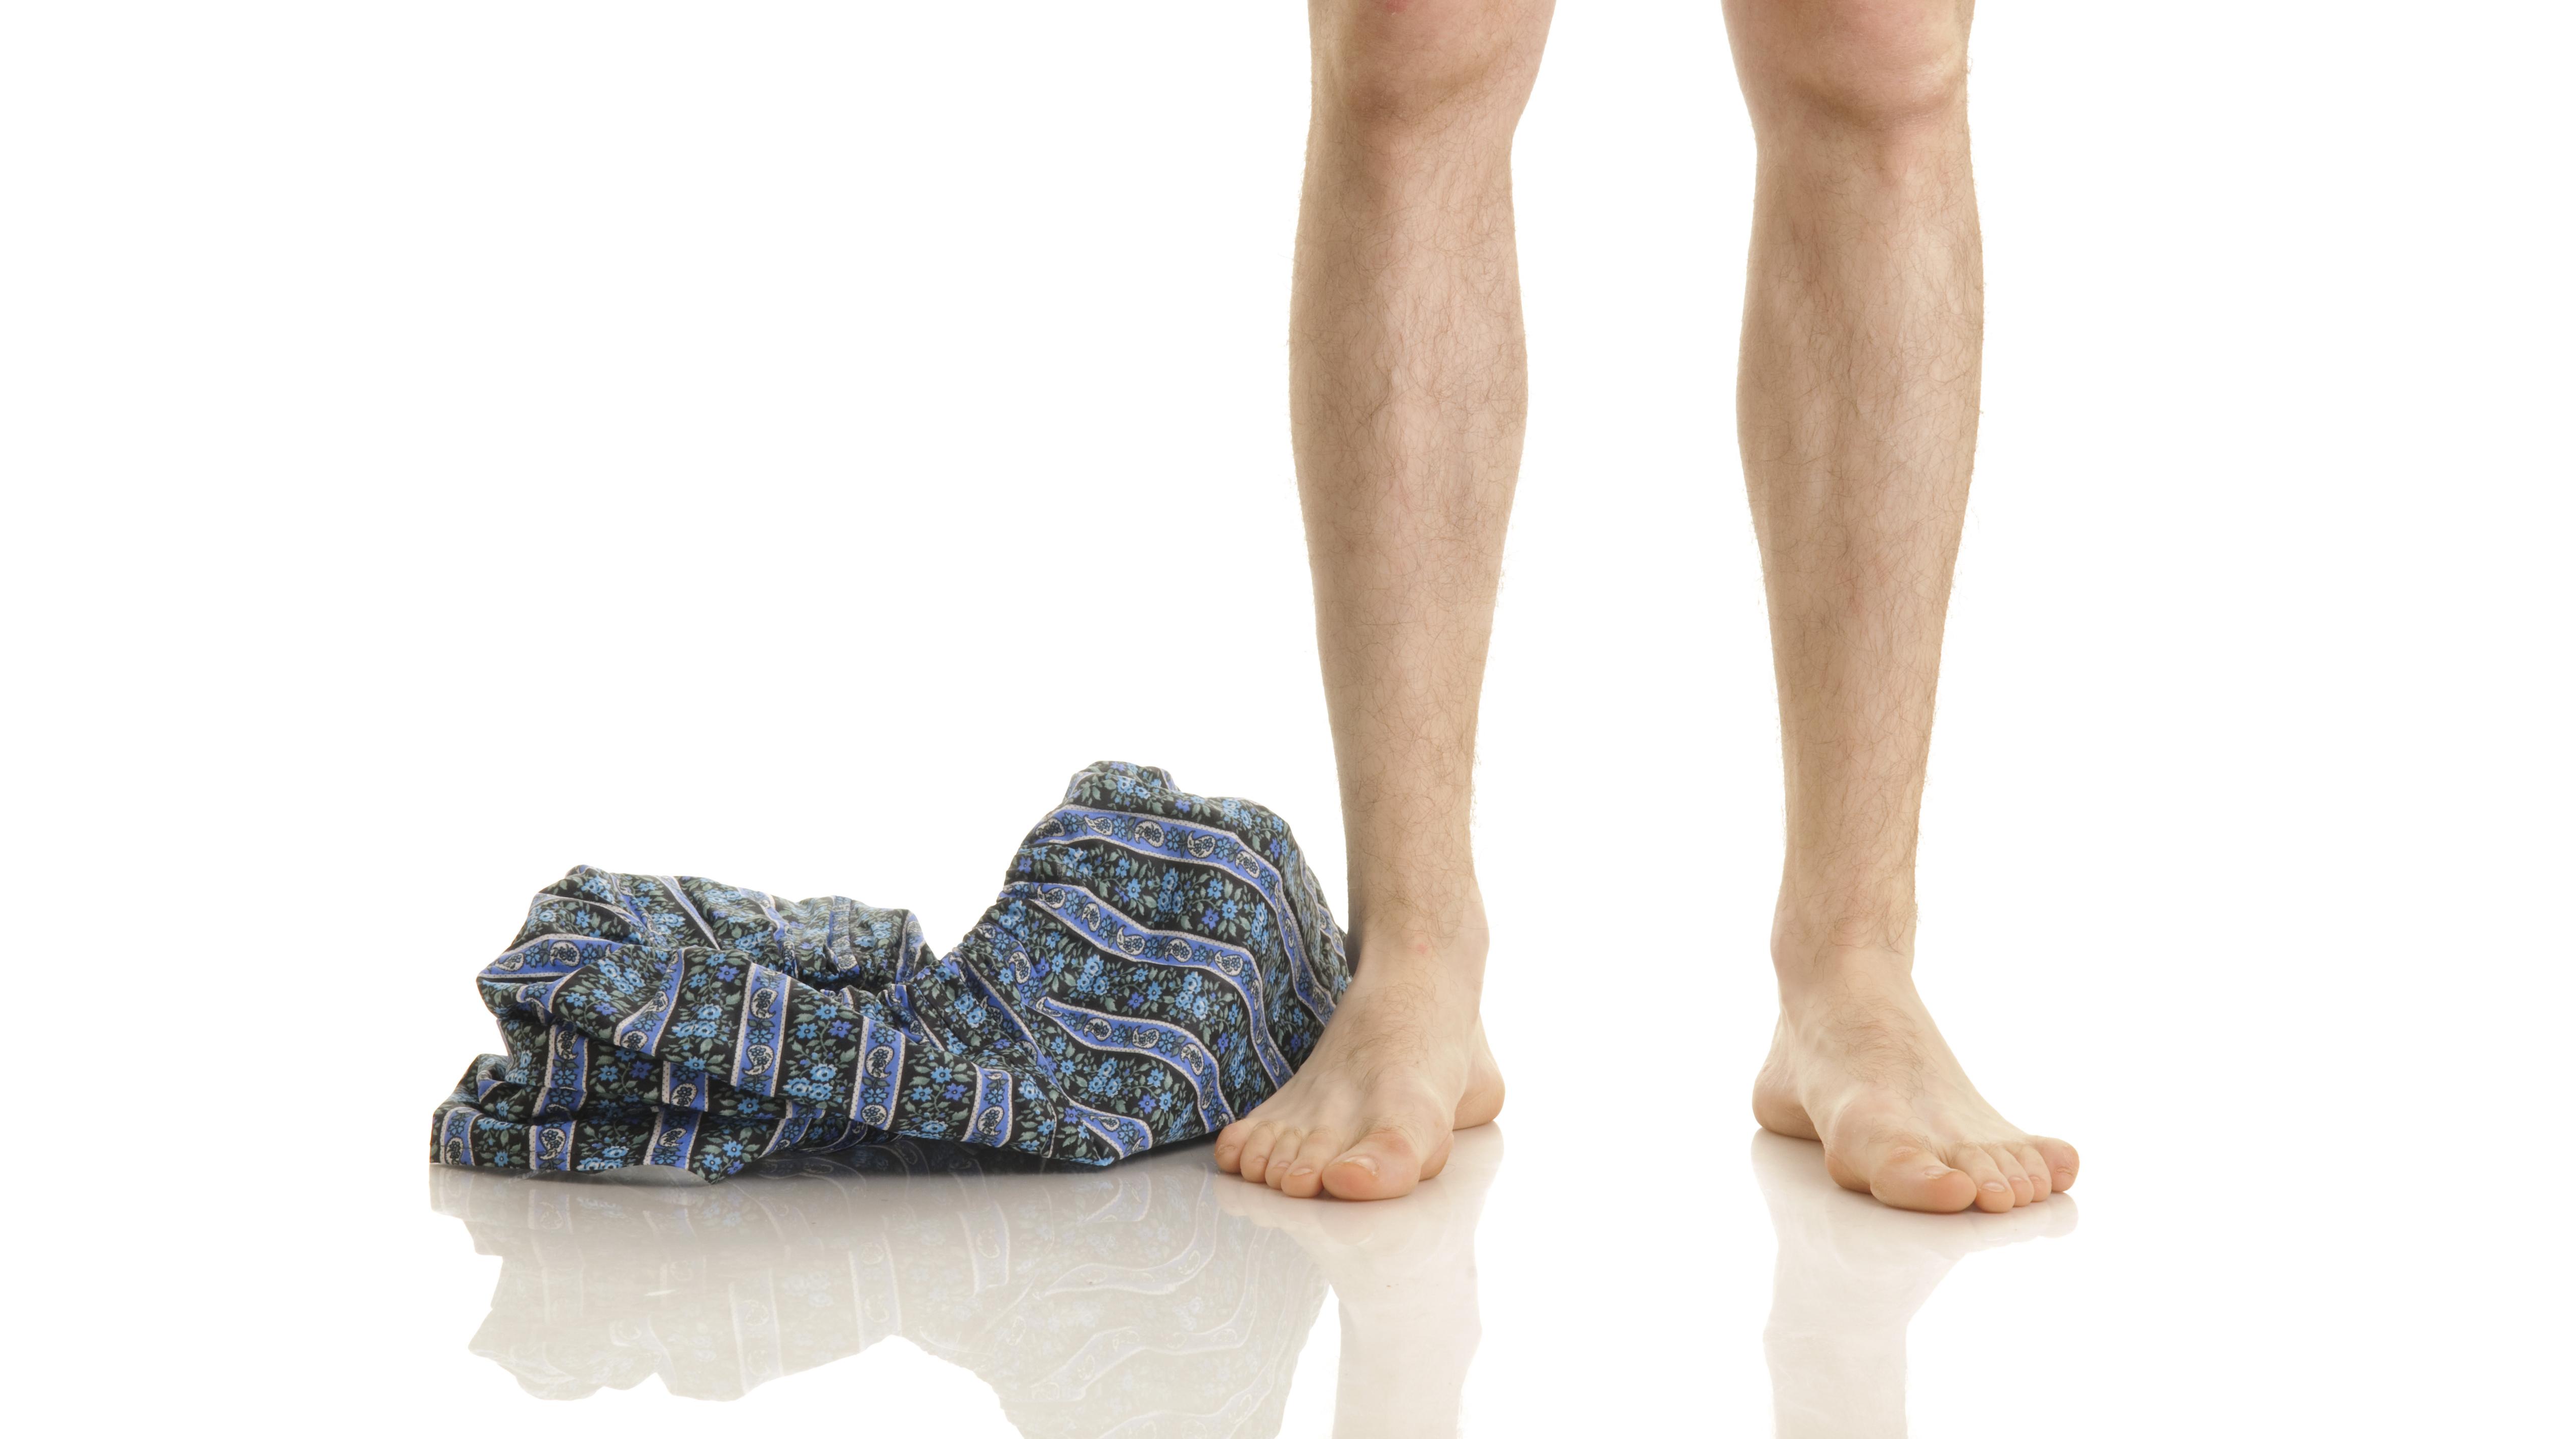 potenssilääkkeet netistä naisen ejakulaation saaminen